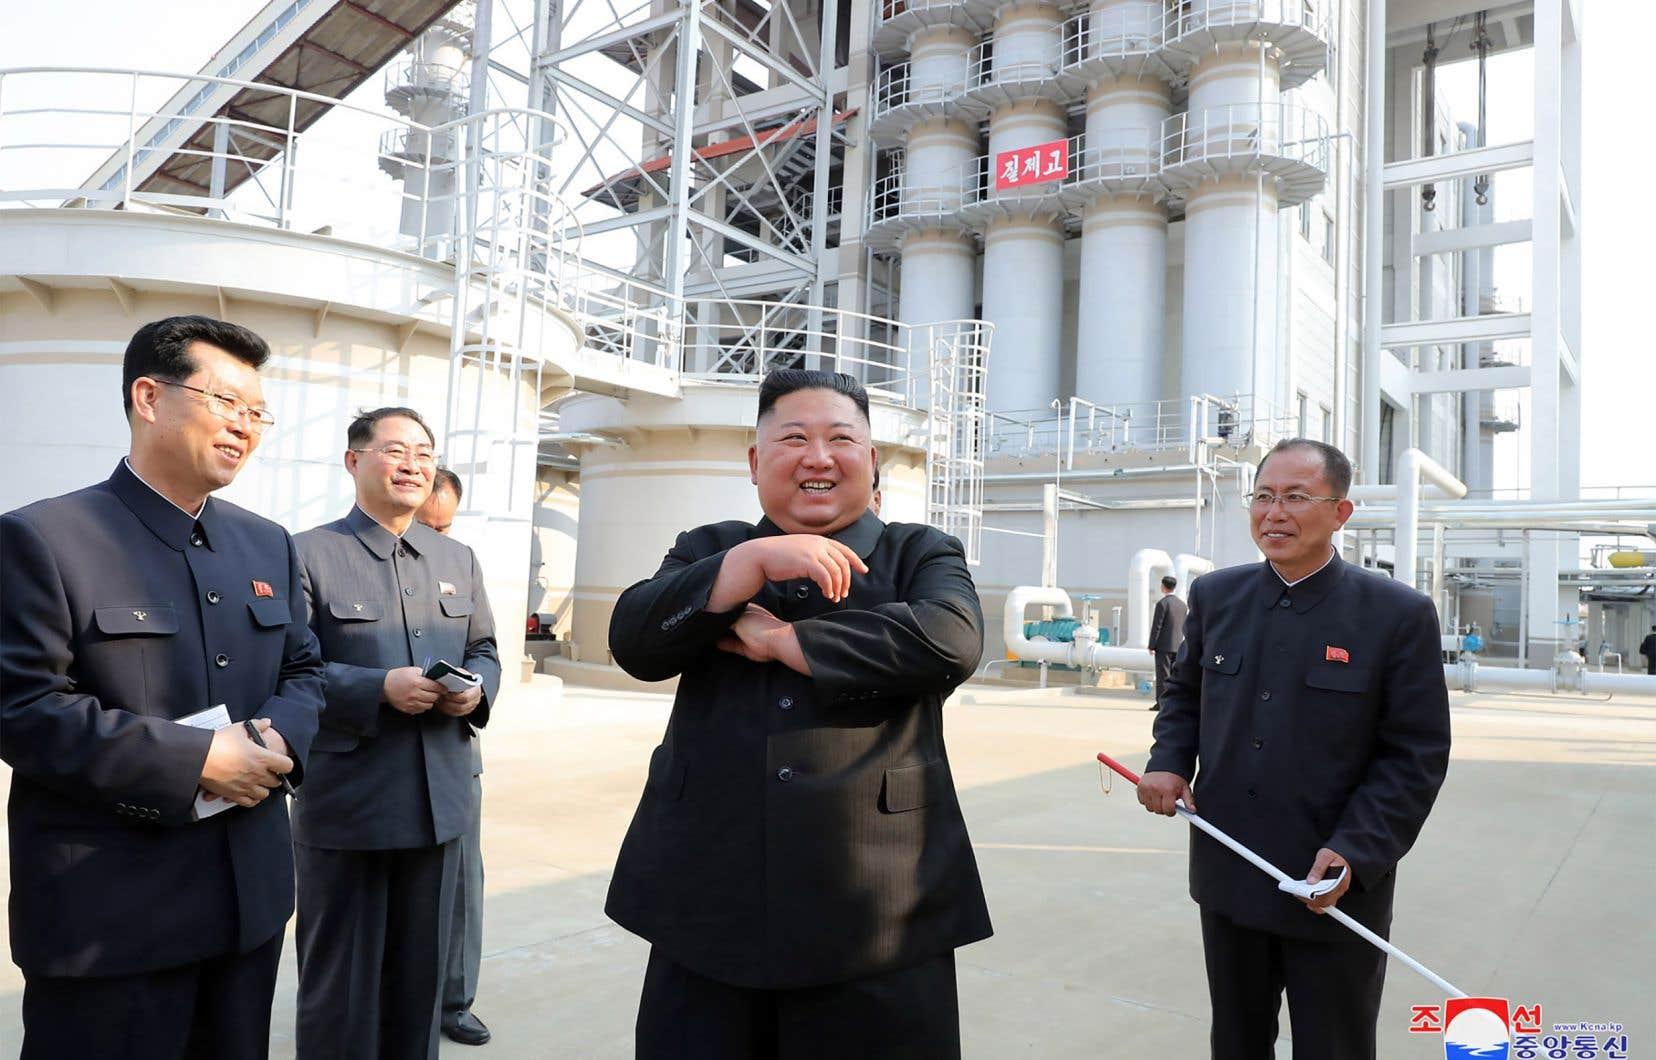 Kim Jong-un a visité une usine d'engrais vendredi, sa première apparition publique en près de trois semaines.